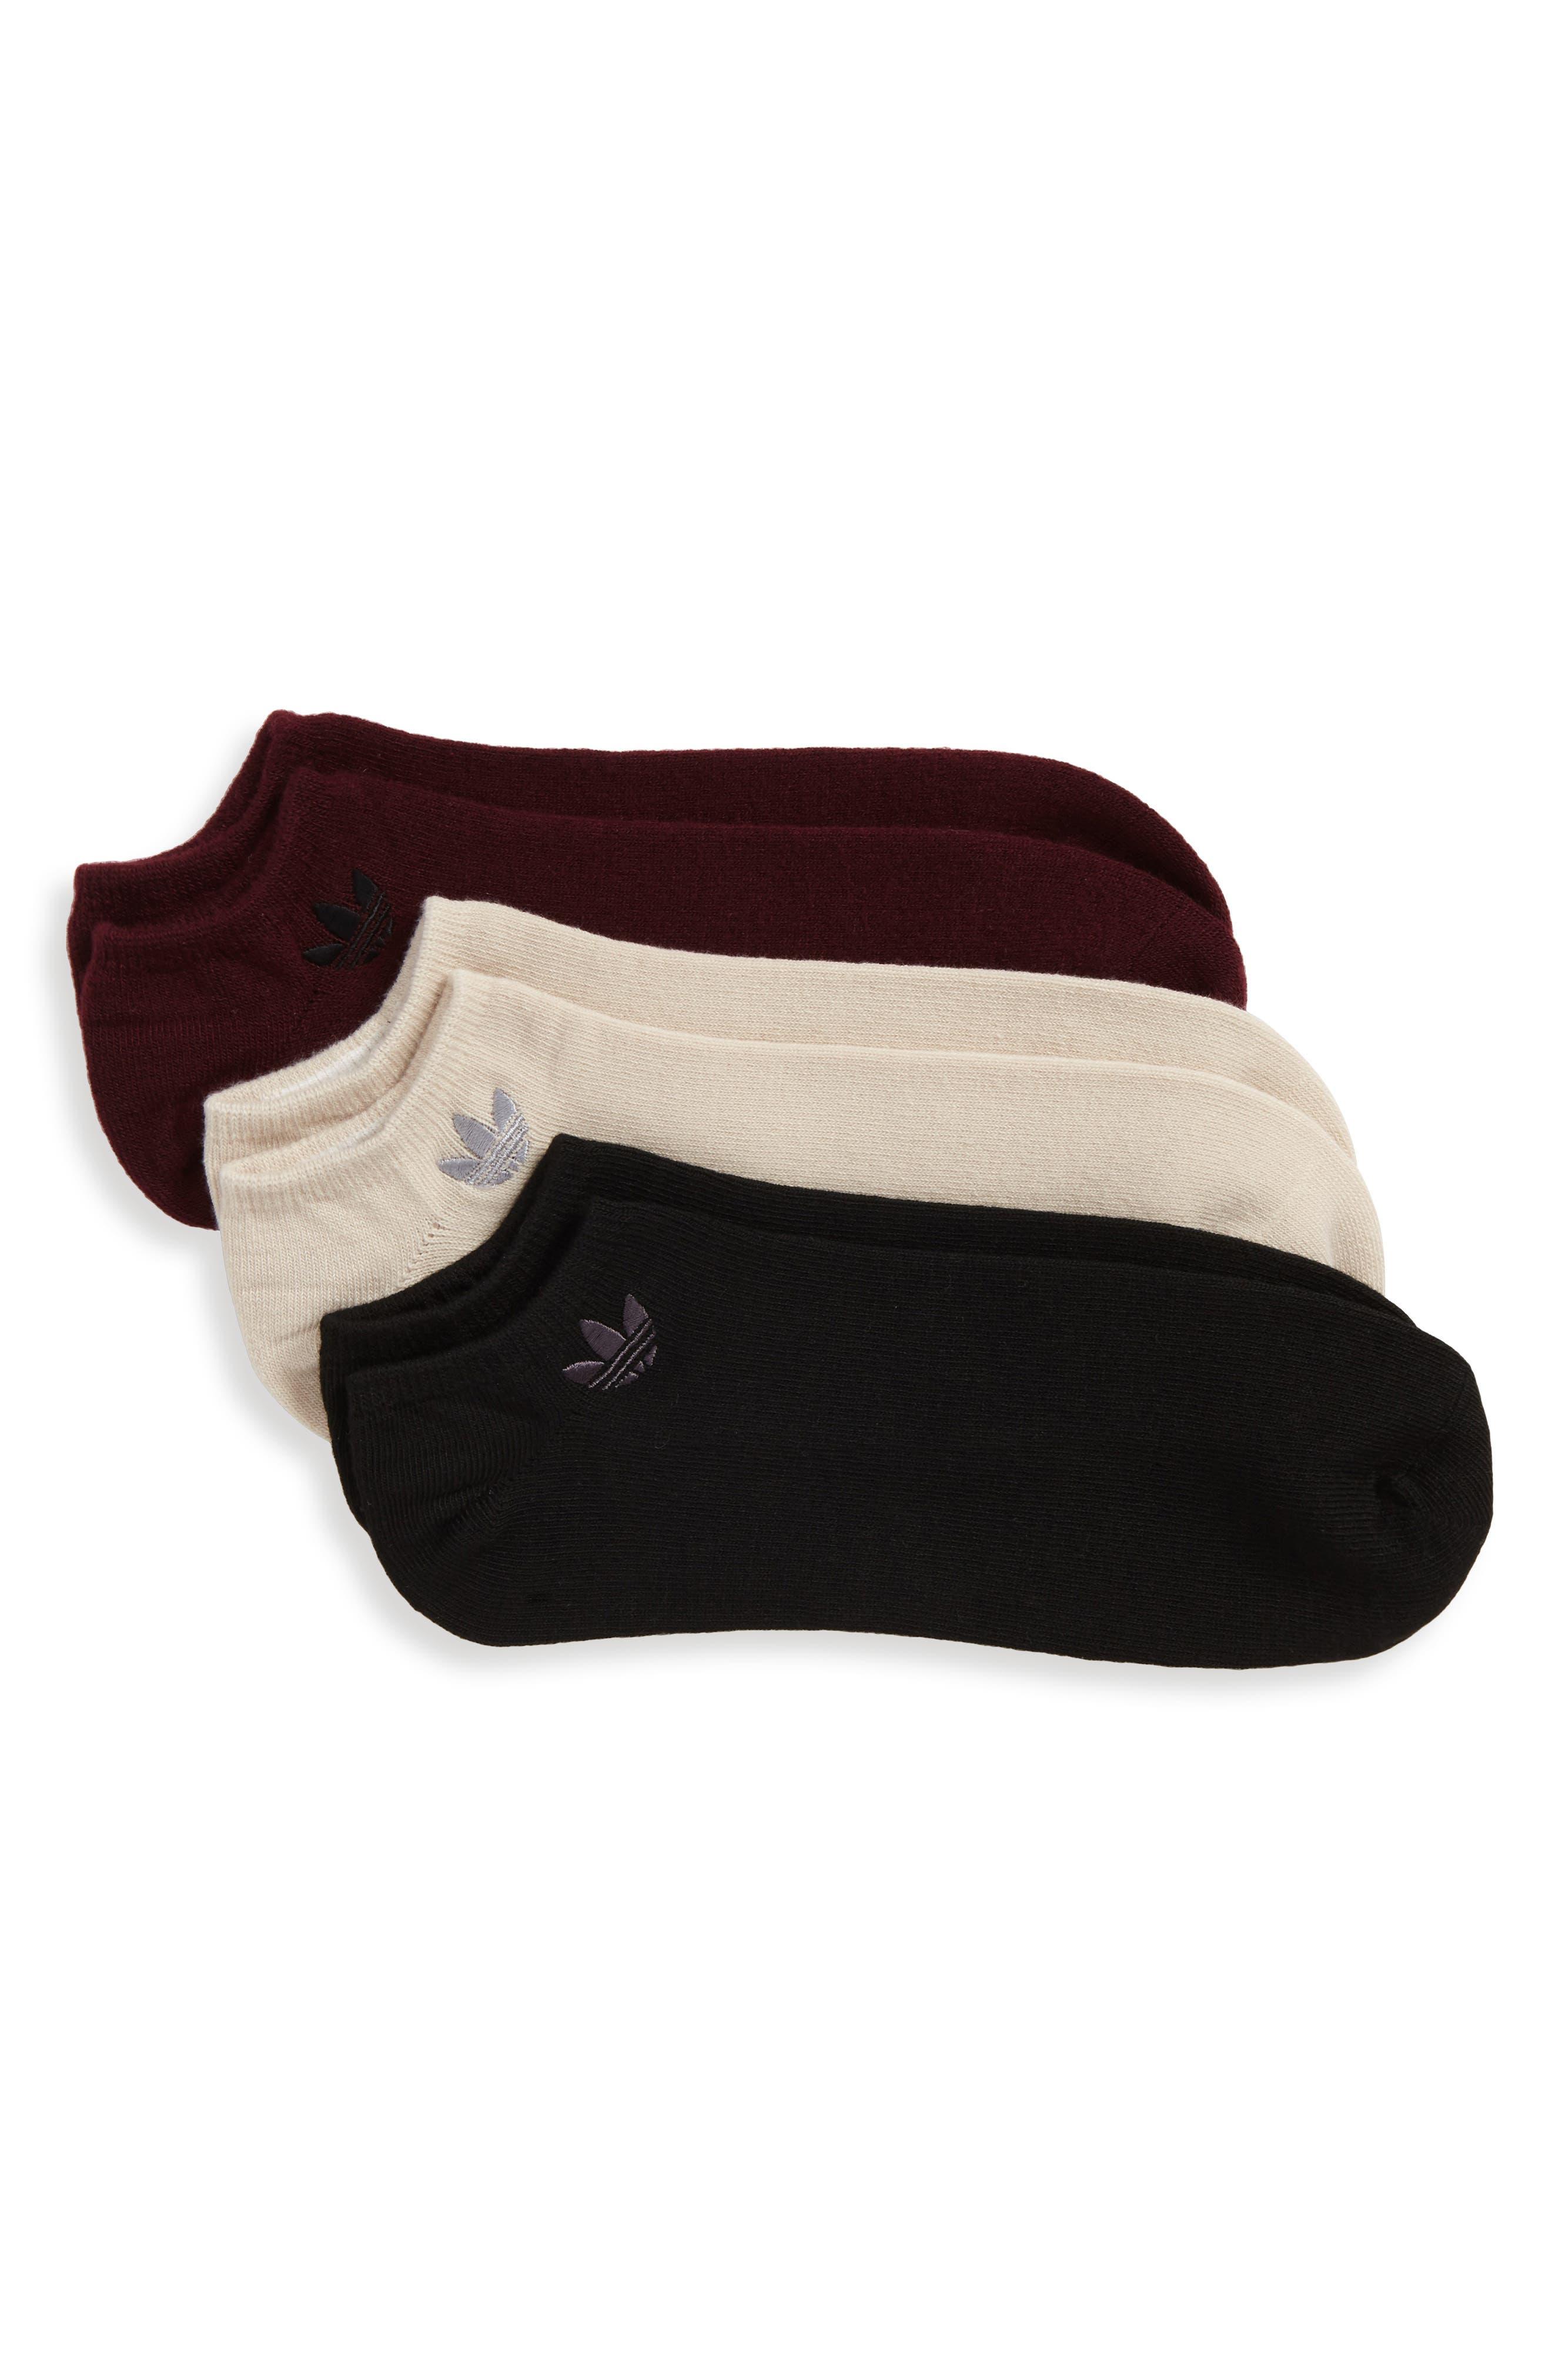 3-Pack No-Show Socks,                             Main thumbnail 1, color,                             Black/ Brown/ Maroon